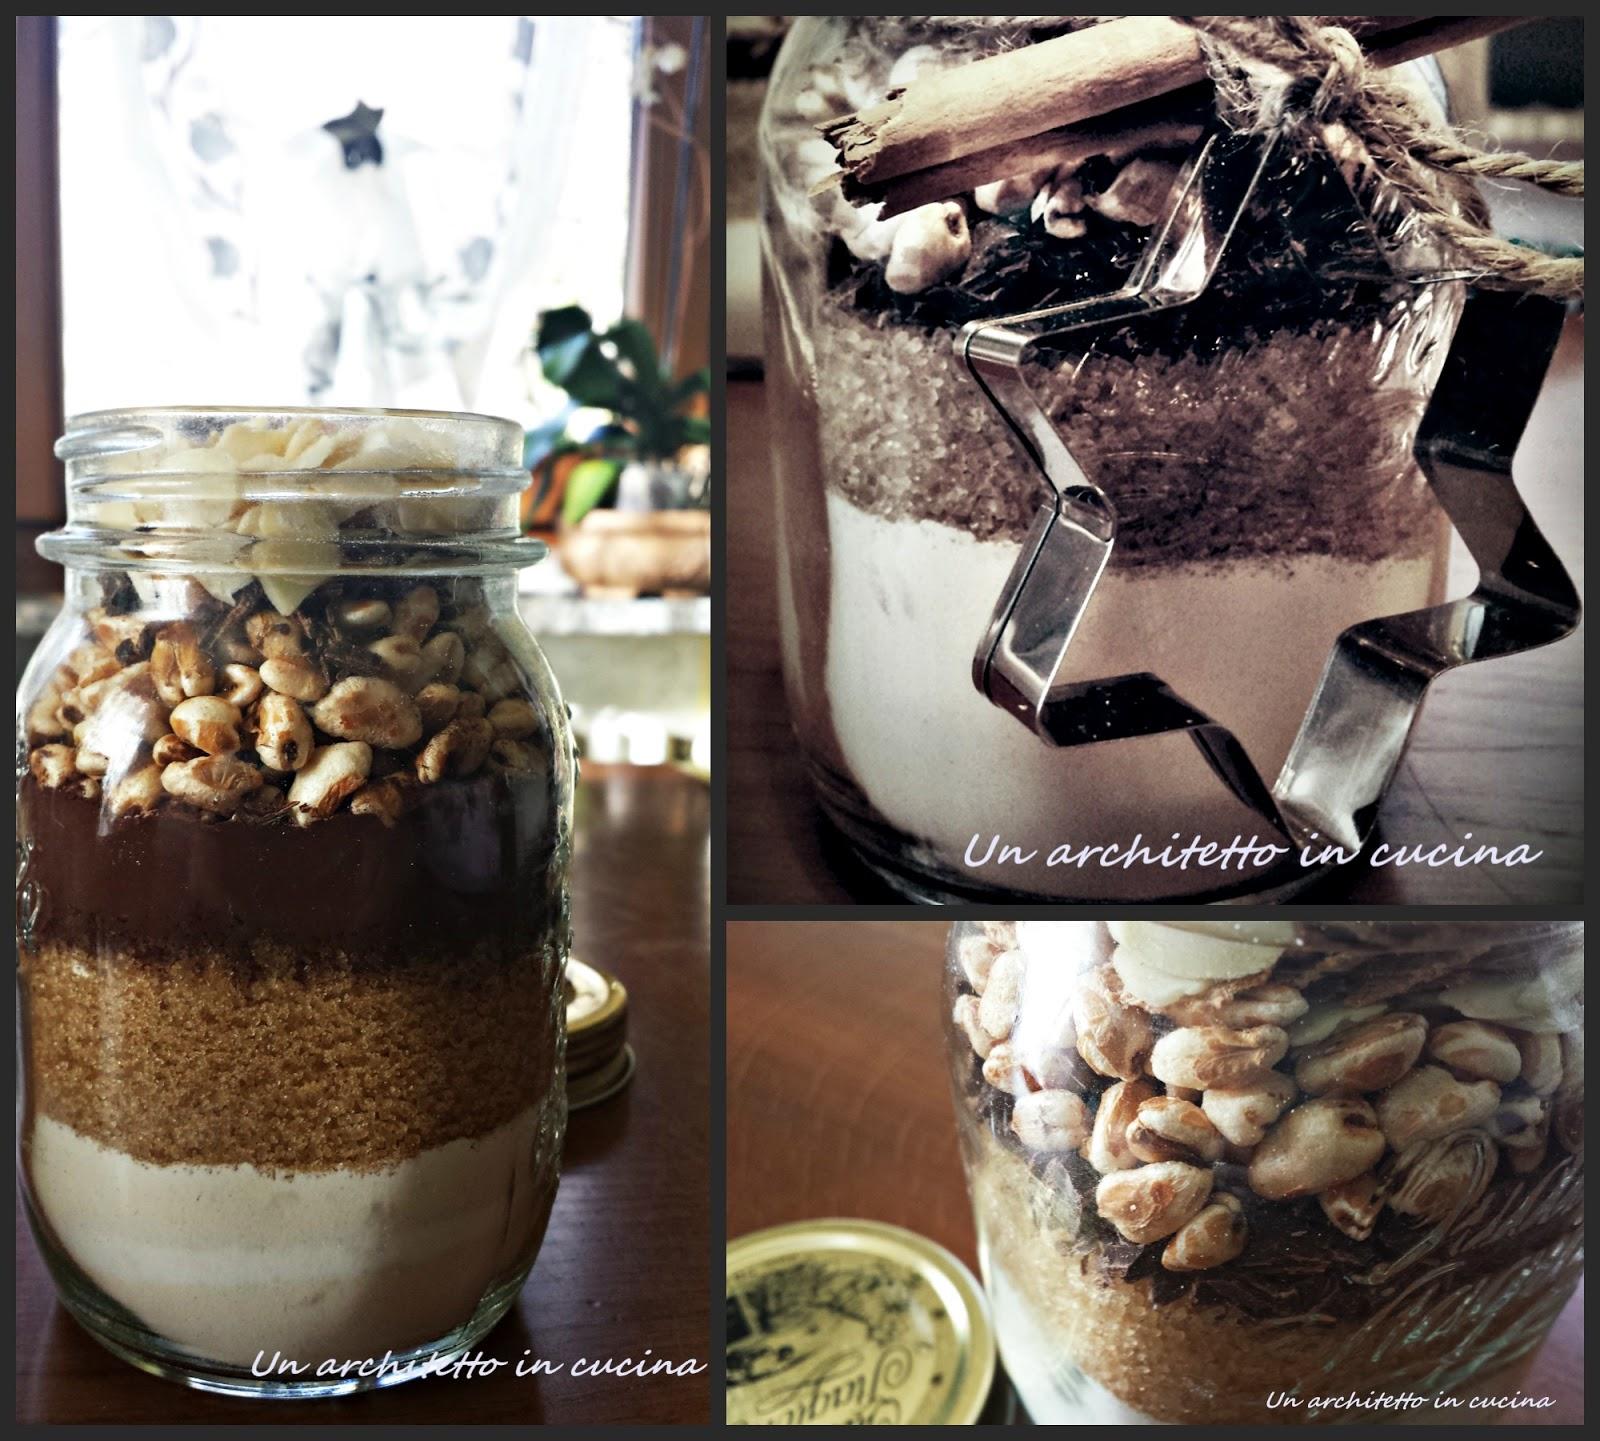 Idee Regalo Natale In Cucina.Biscotti In Barattolo Un Originale Idea Regalo Per Natale Un